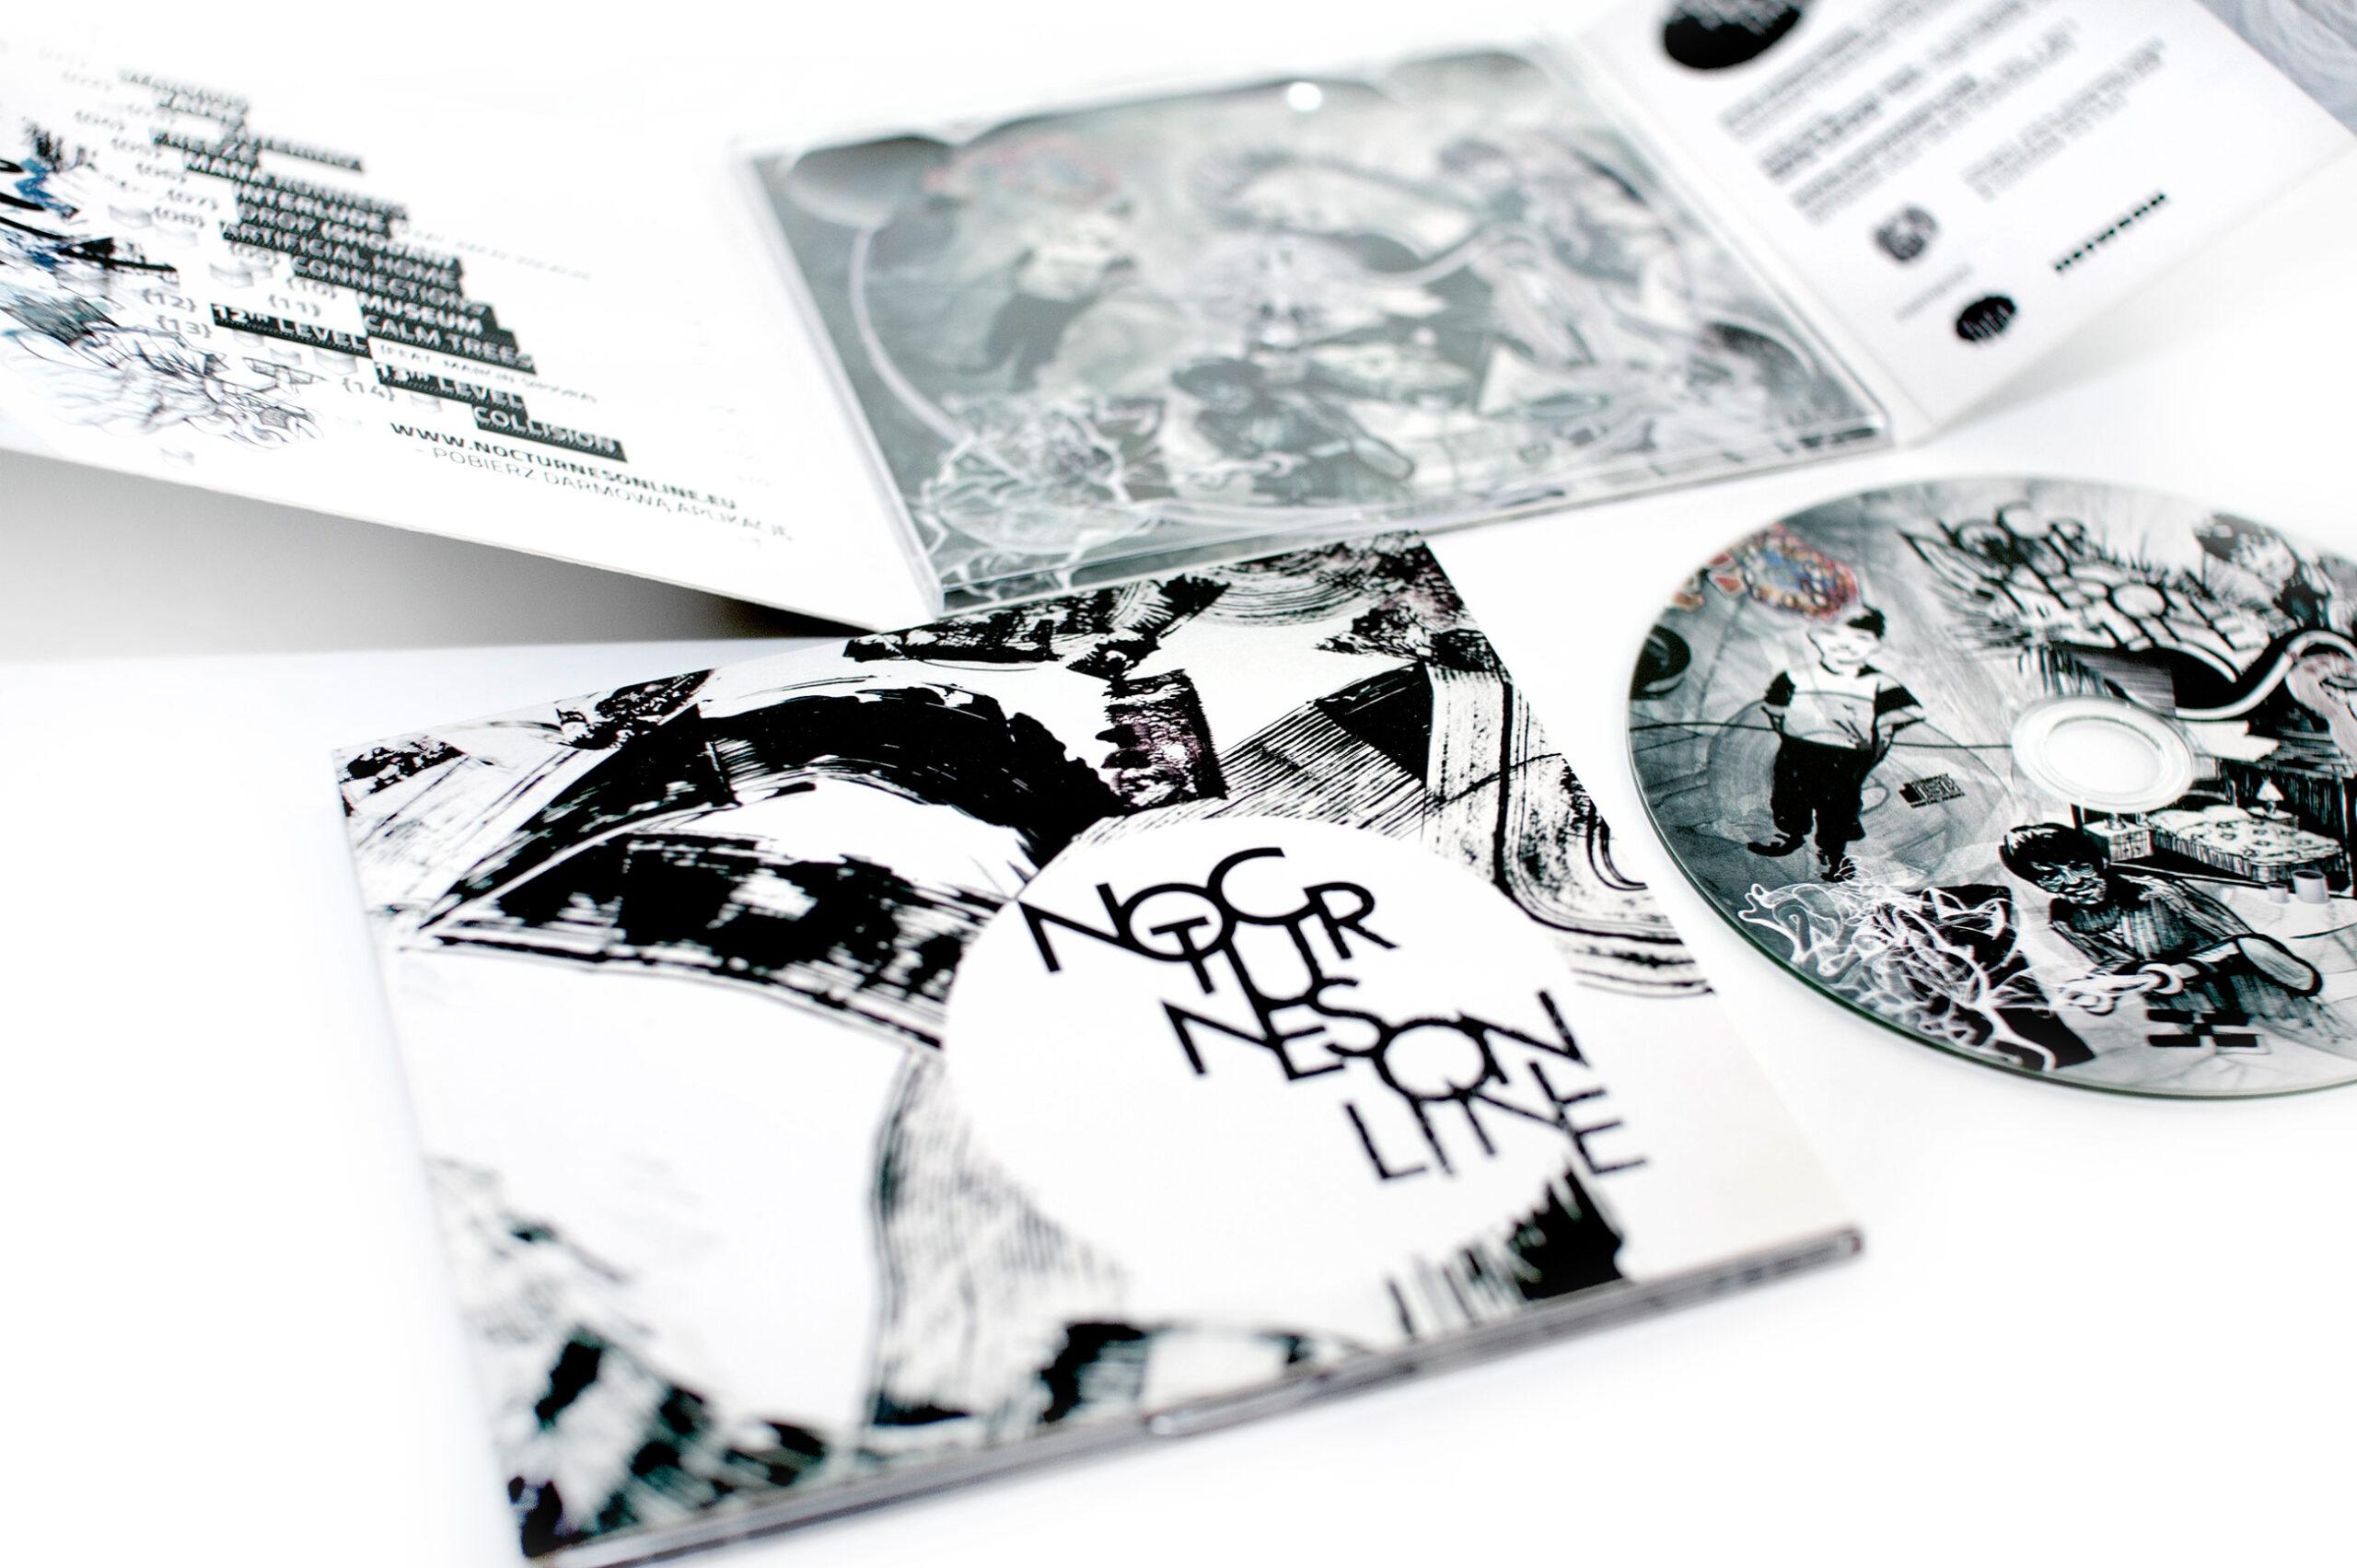 Jacek Doroszenko - Nocturnes Online, CD, music album 08